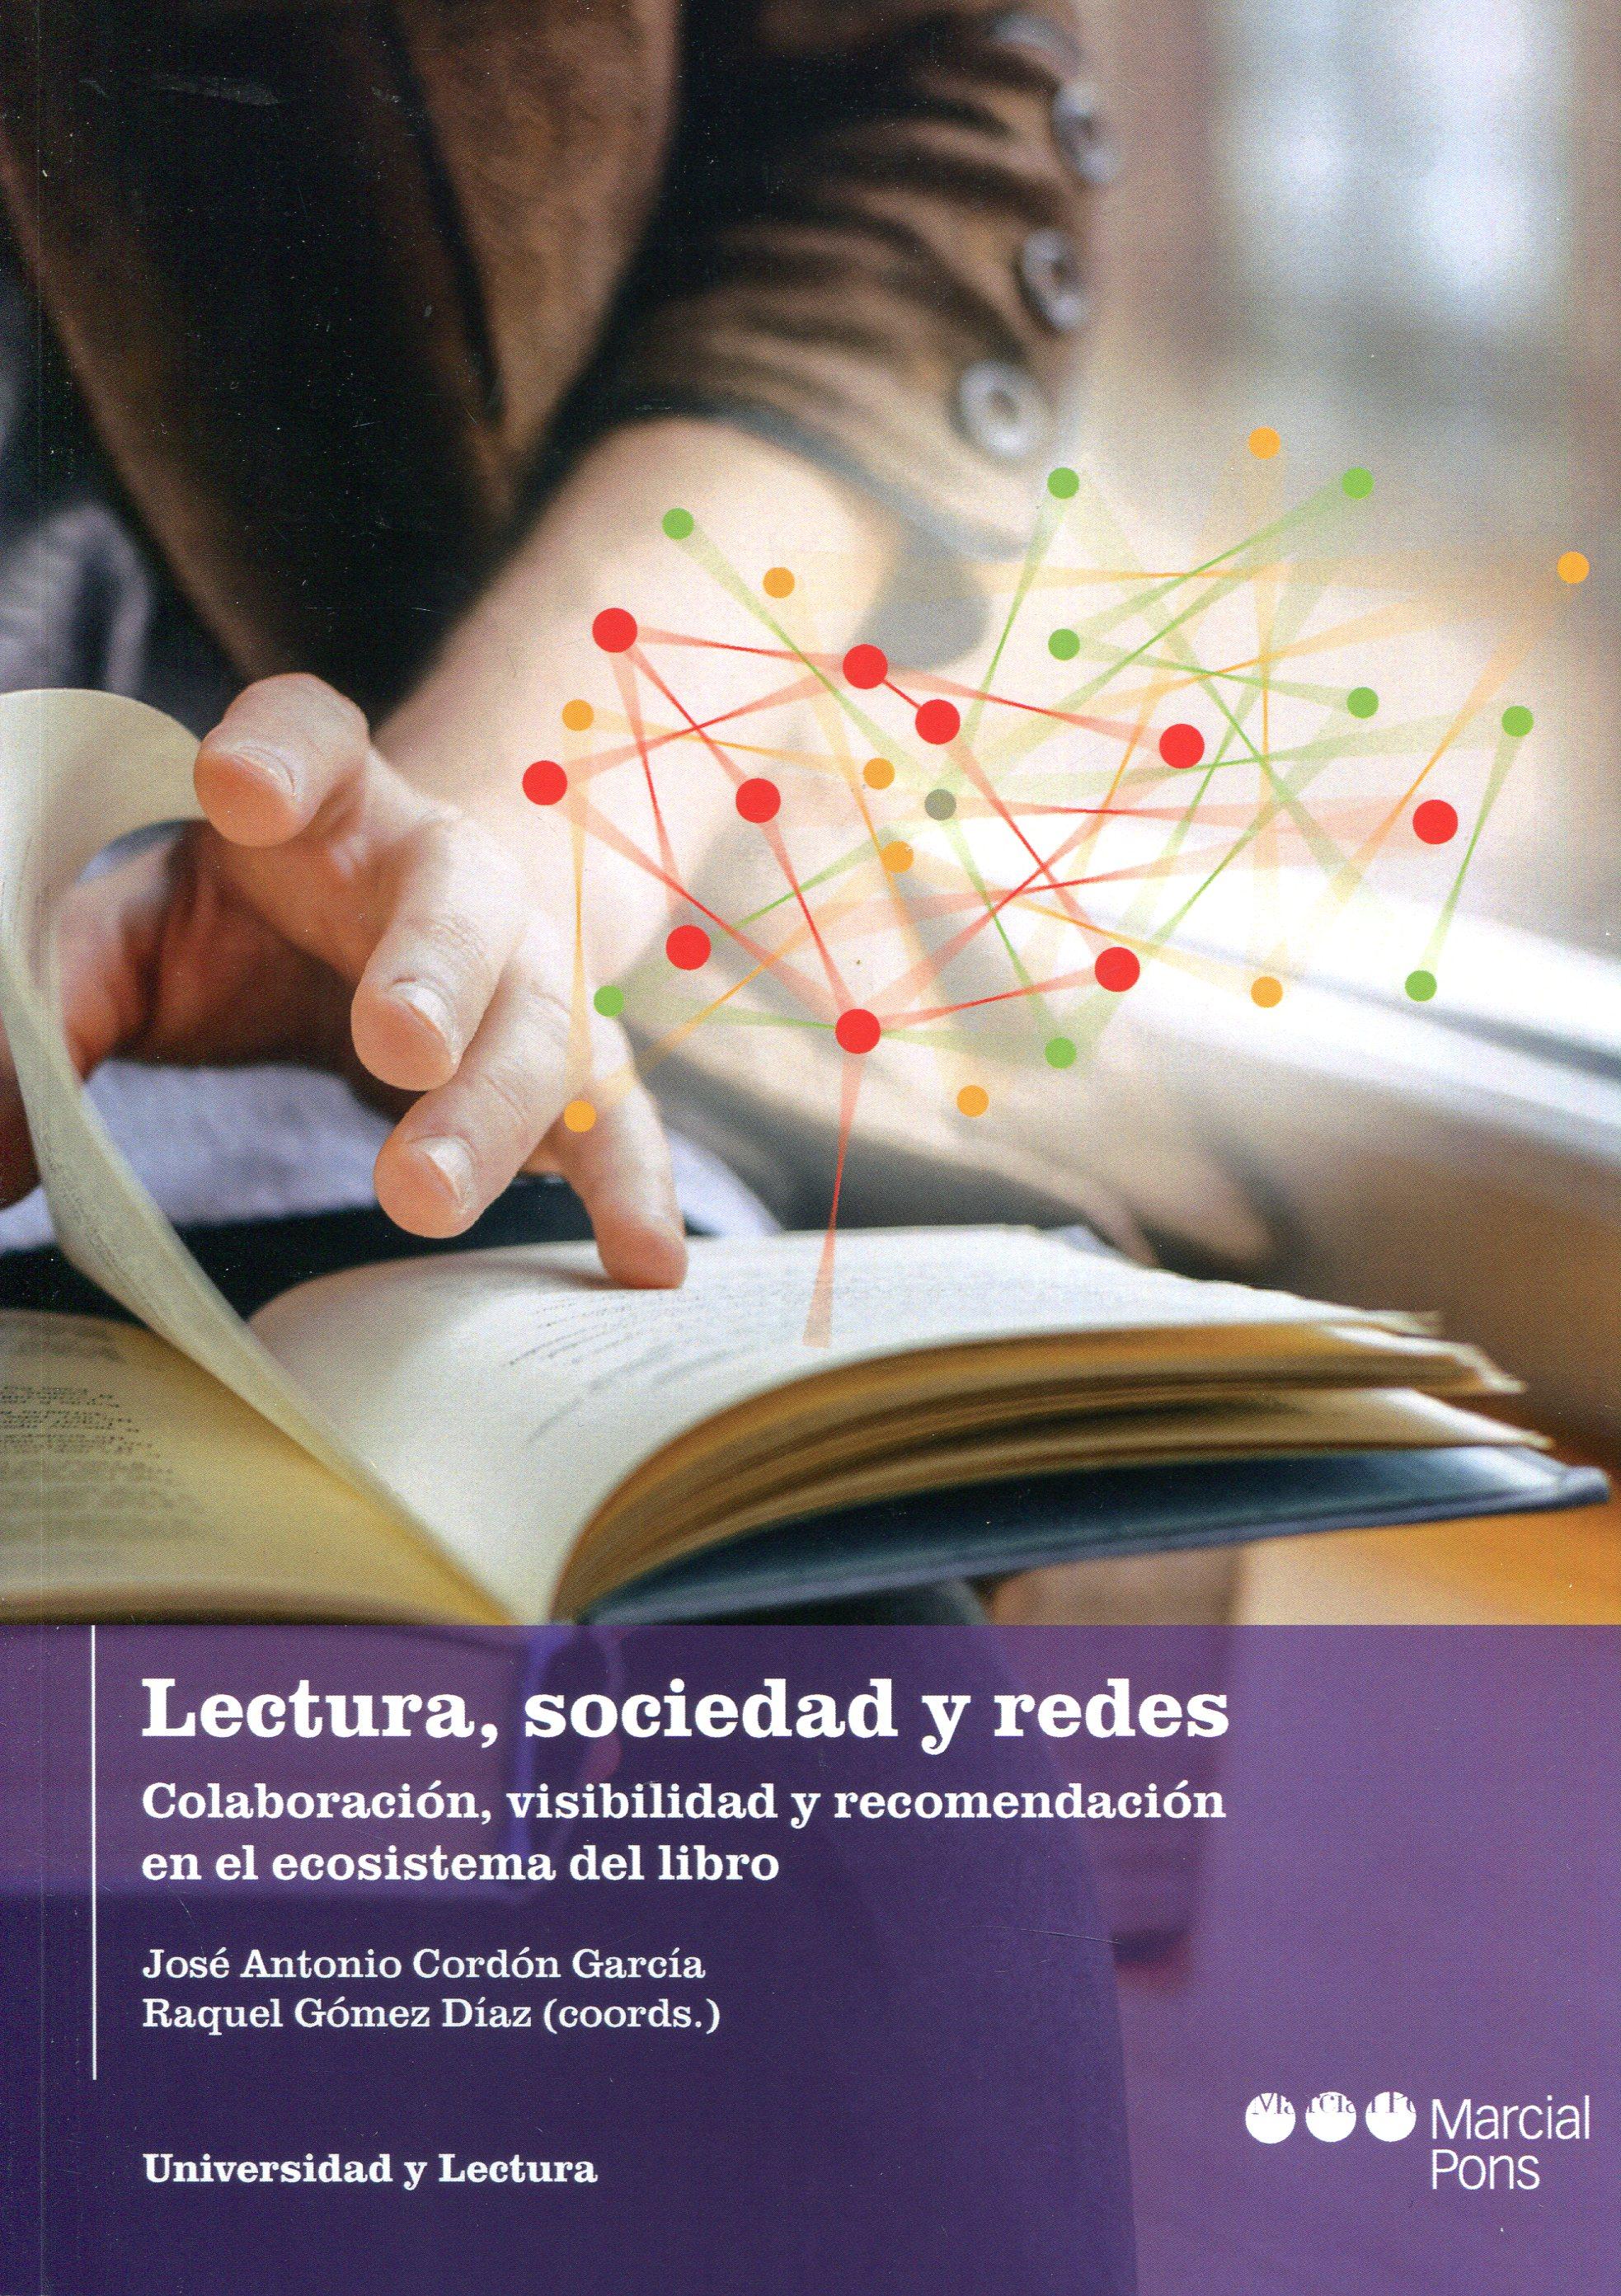 José Antonio Cordón García, Raquel Gómez Díaz. Lectura, sociedad y redes  Colaboración, visibilidad y recomendación en el ecosistema del libro. Marcial Pons